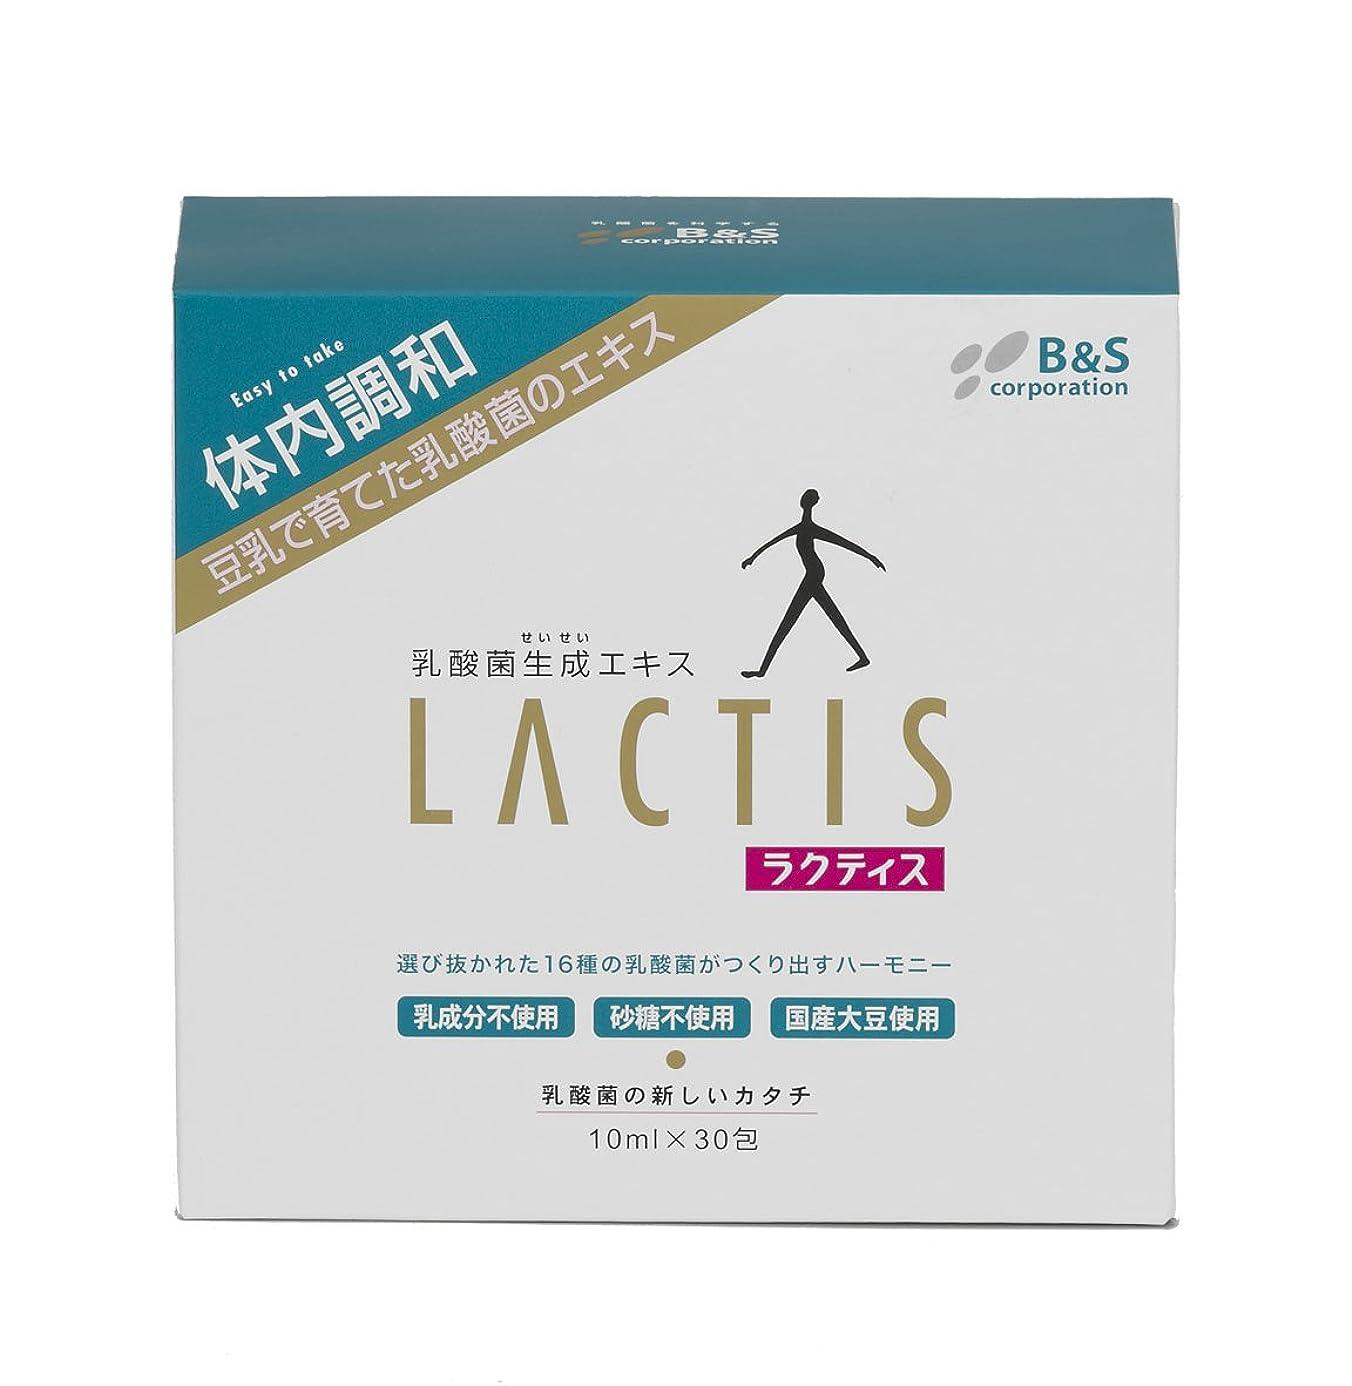 落ち着いて人物所有者ラクティス 乳酸菌生成エキス 10ml×30包